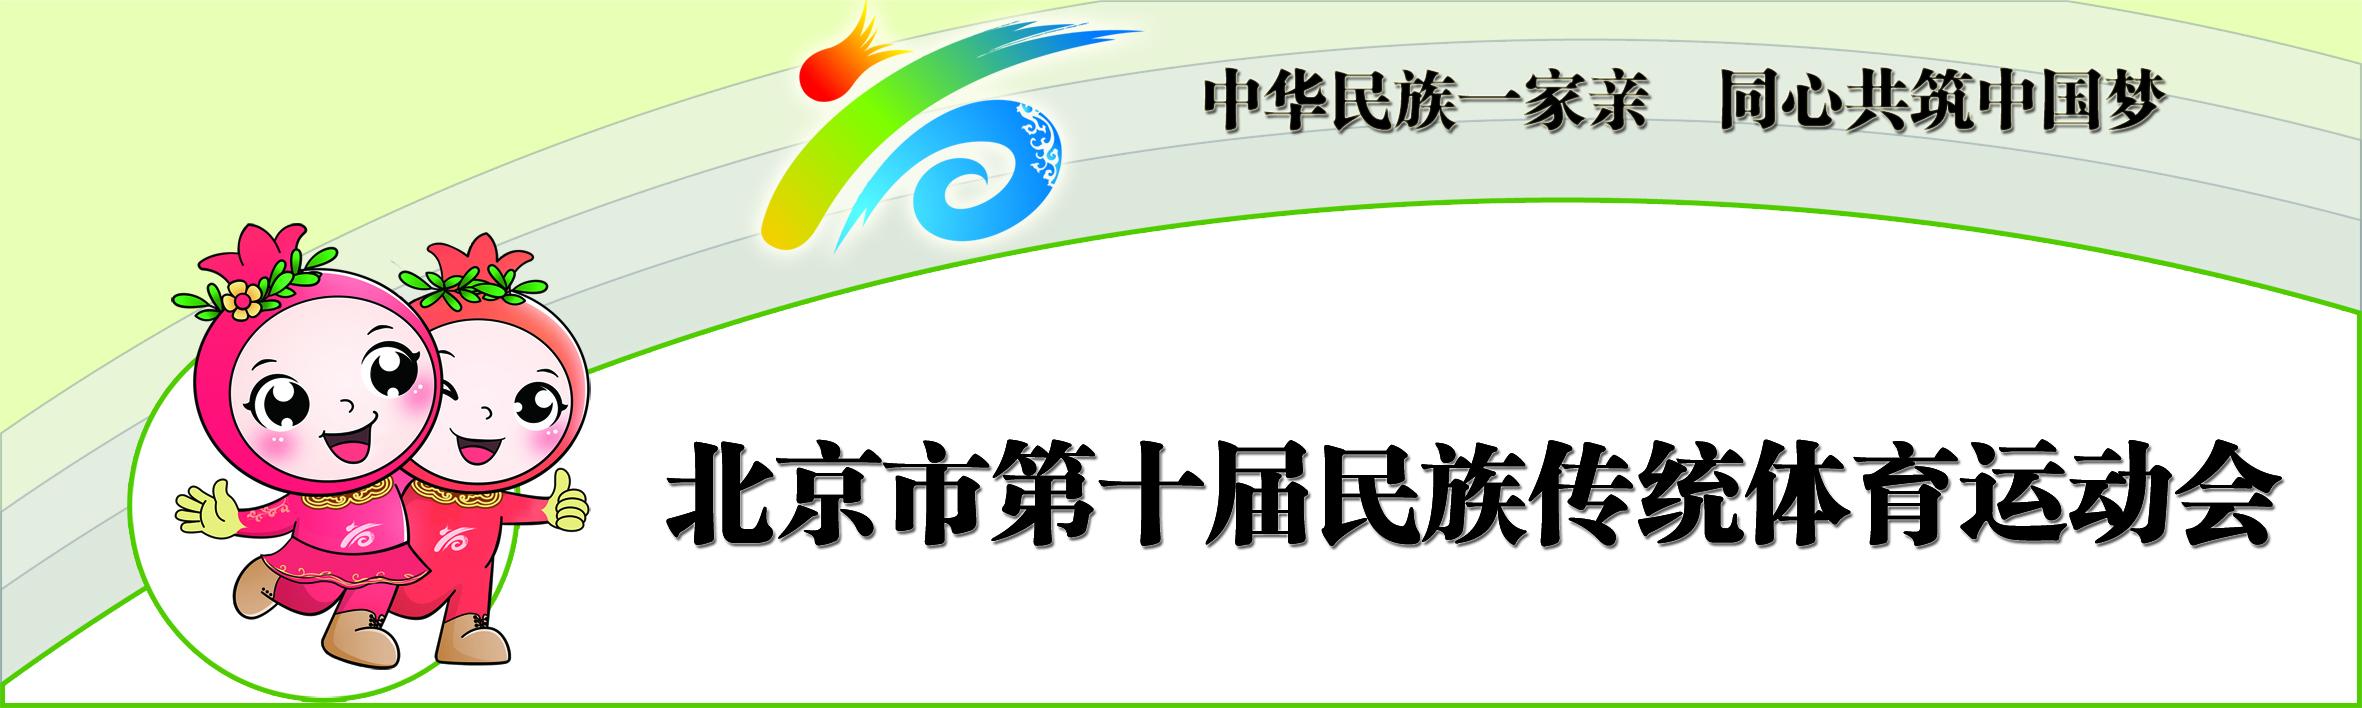 【北京市第十届民族传统体育运动会】